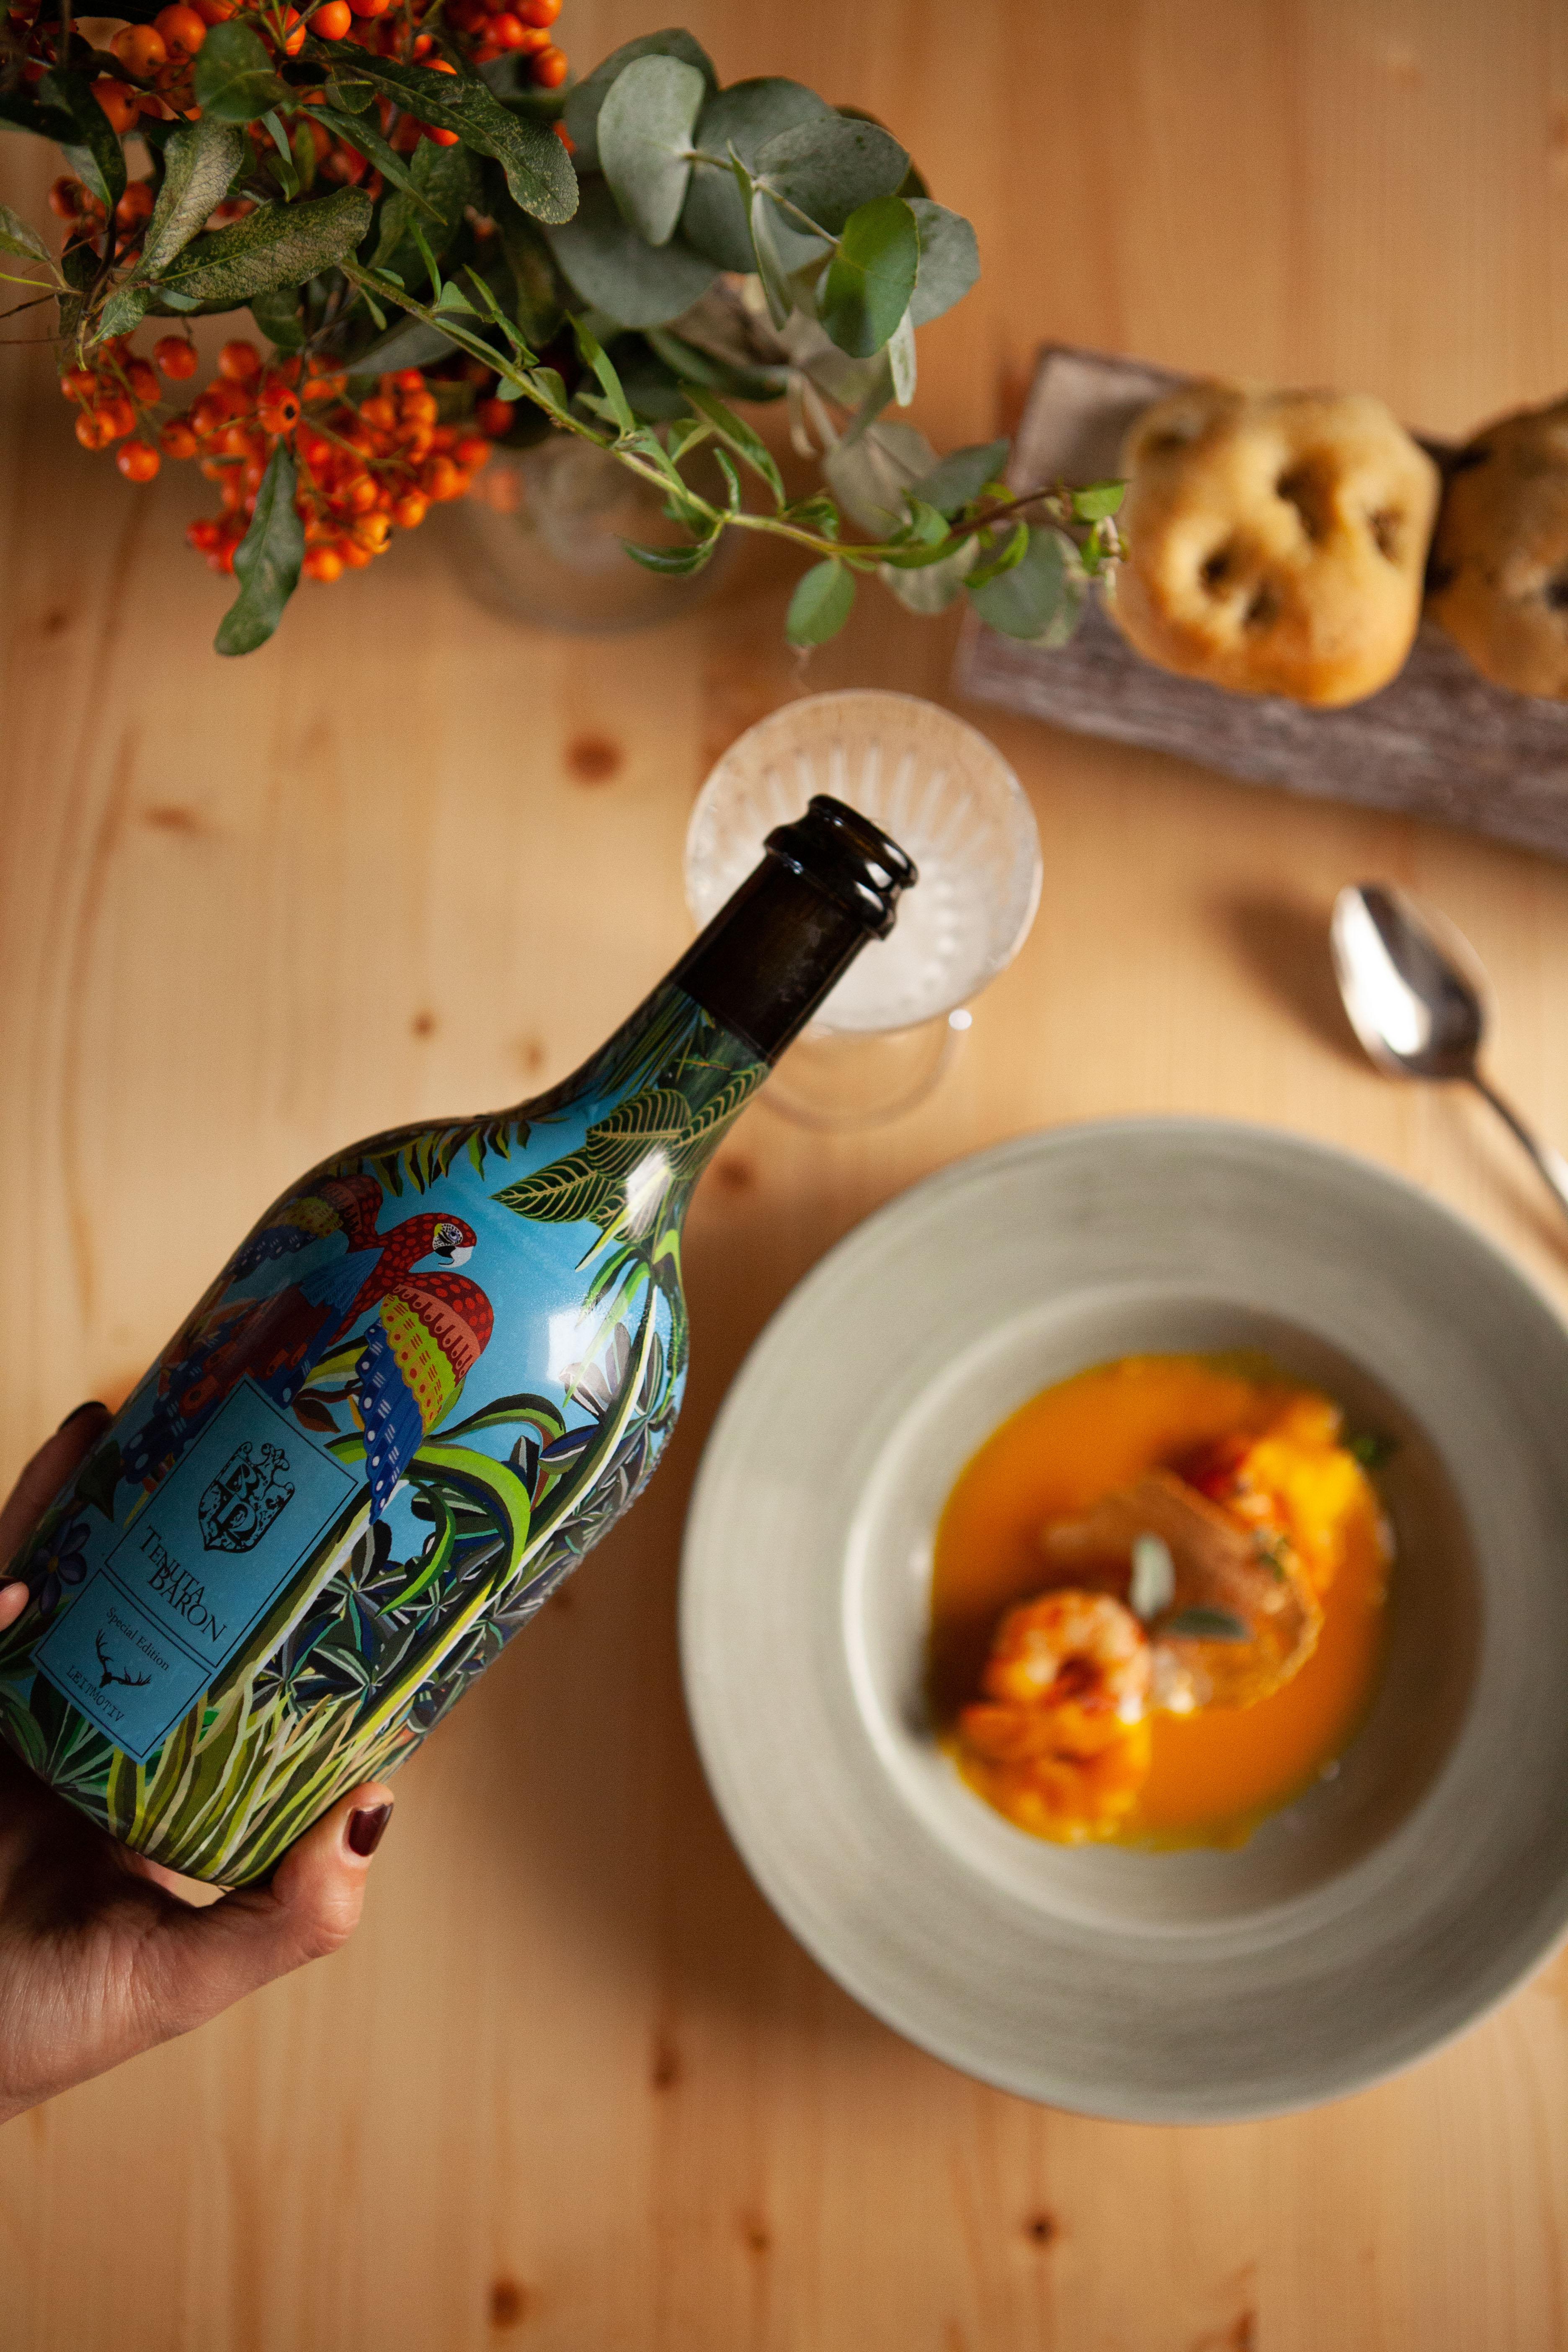 Bottiglia cantina Tenuta Baron etichetta vino bianco